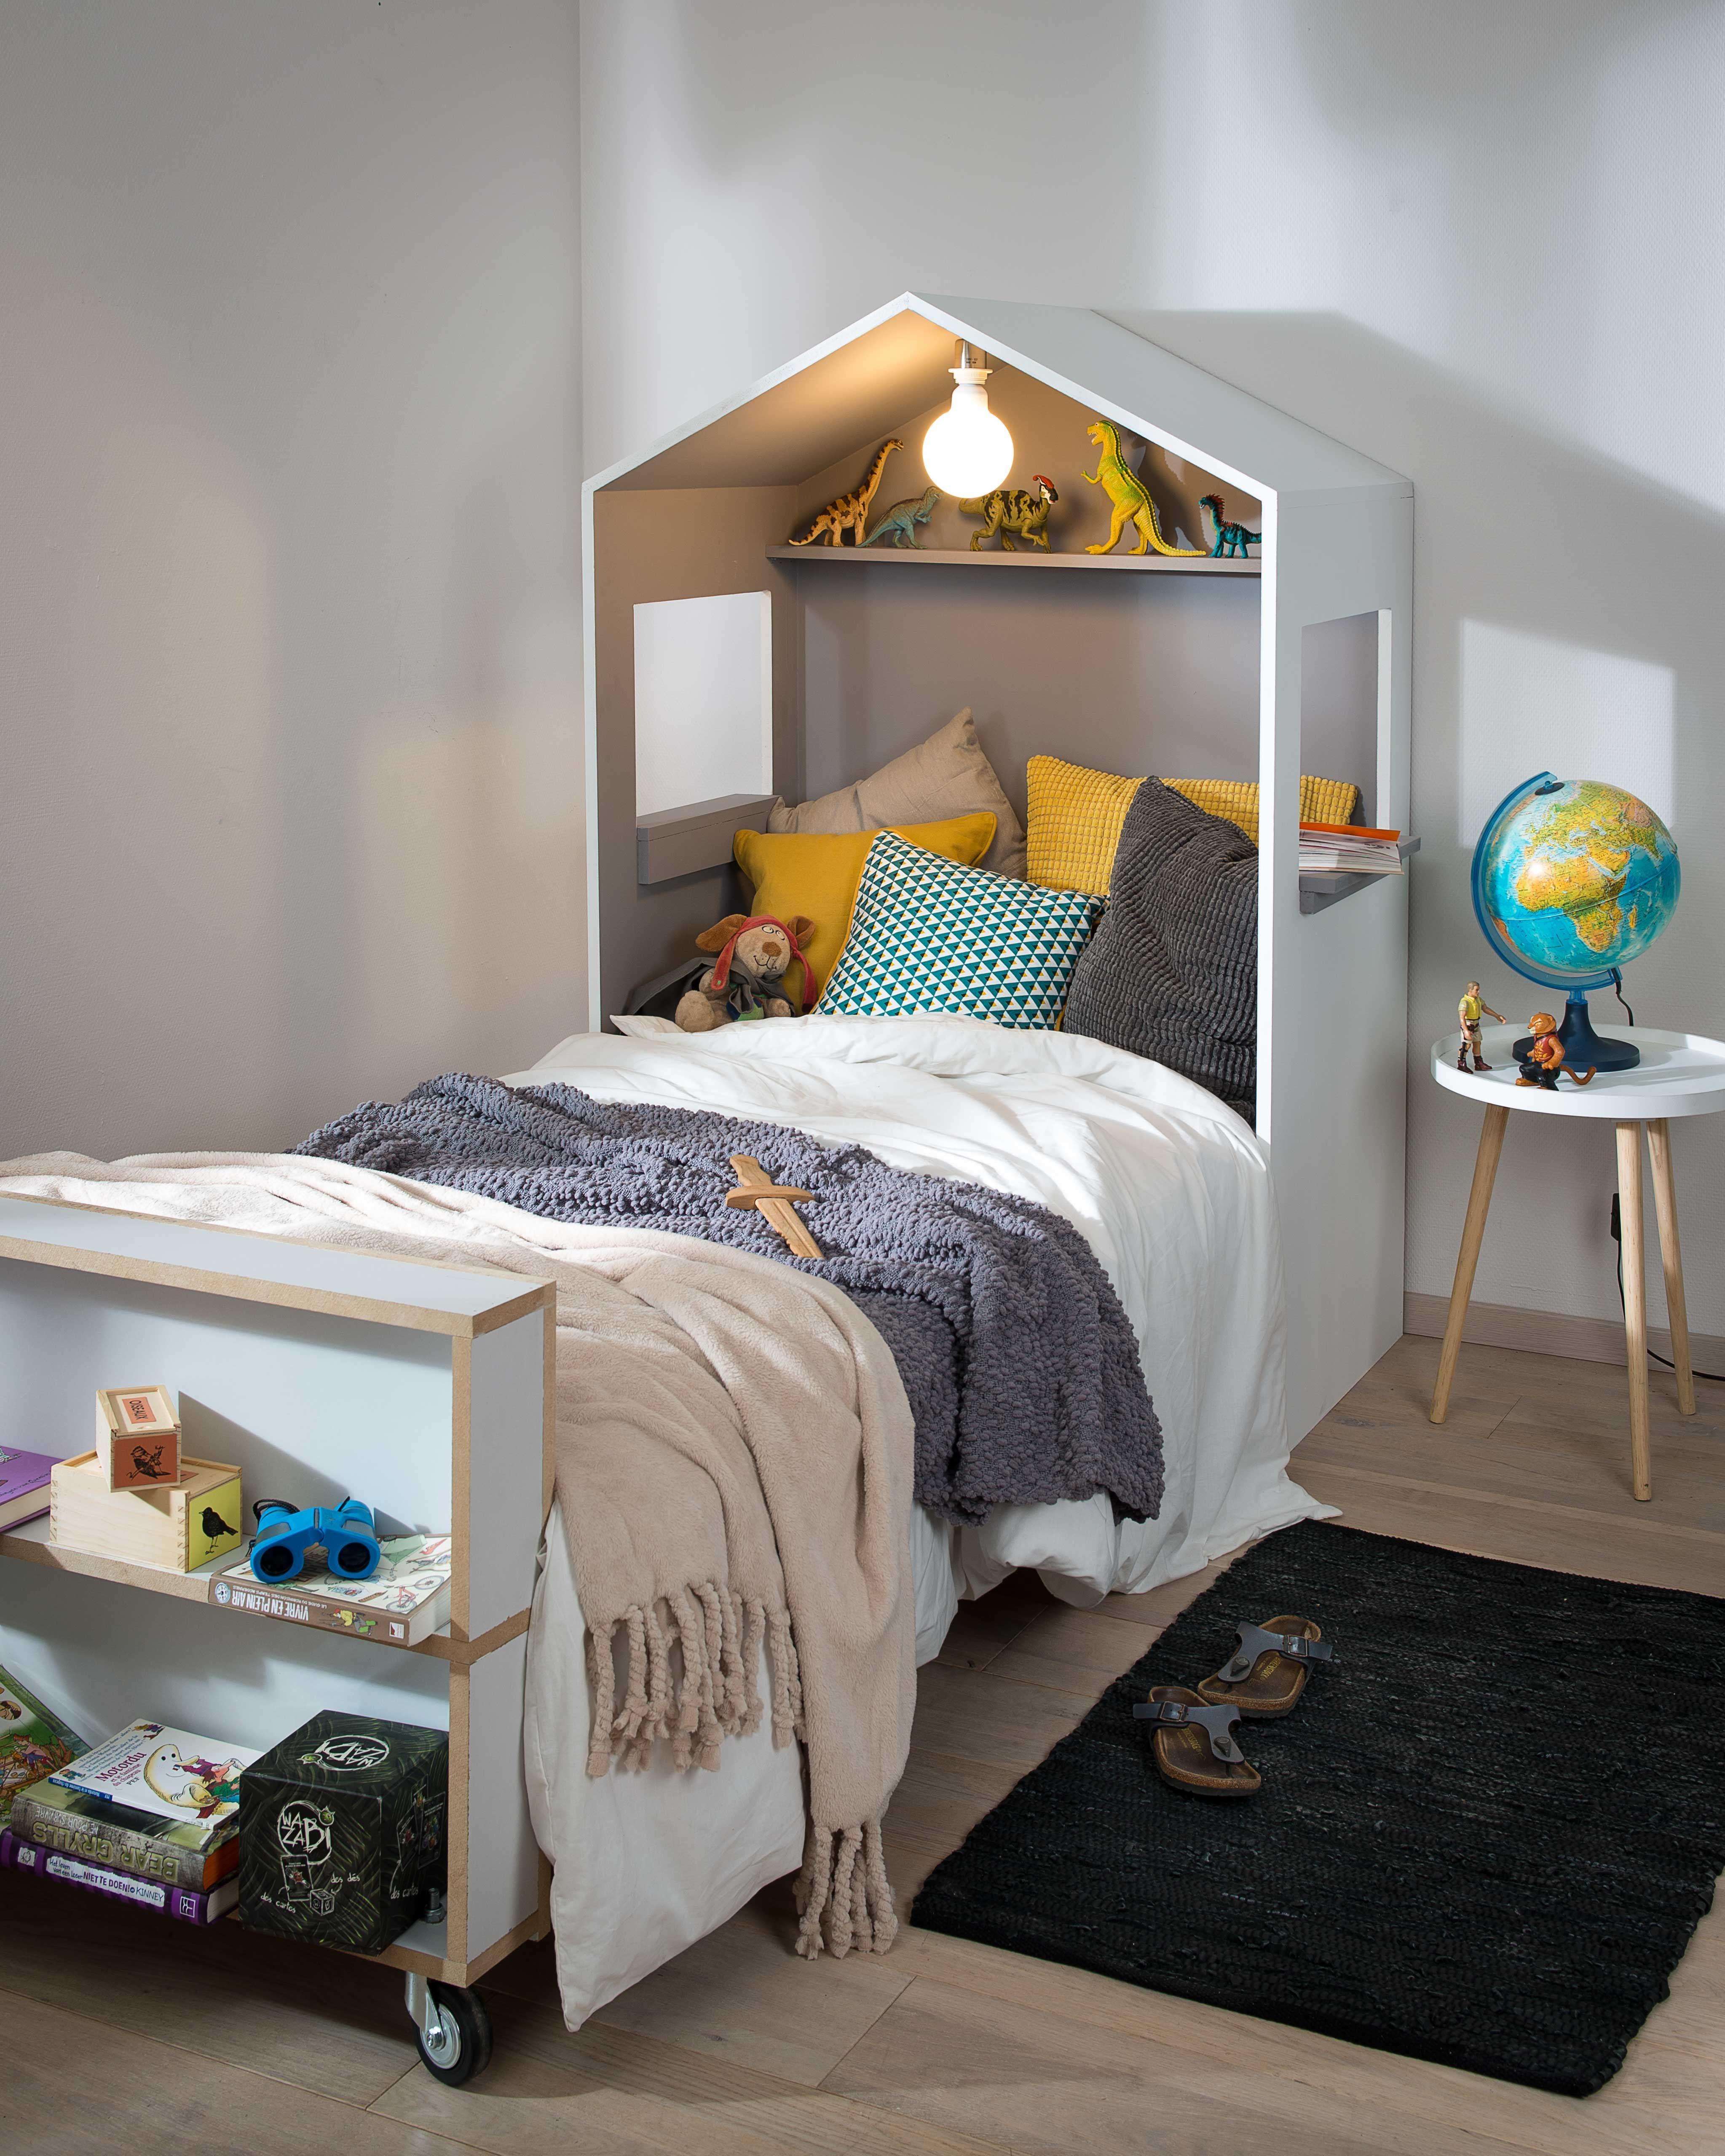 Lit Enfant Garcon Nouveau Tªte De Lit Cabane Pour Les Makers Lit Enfant Garcon